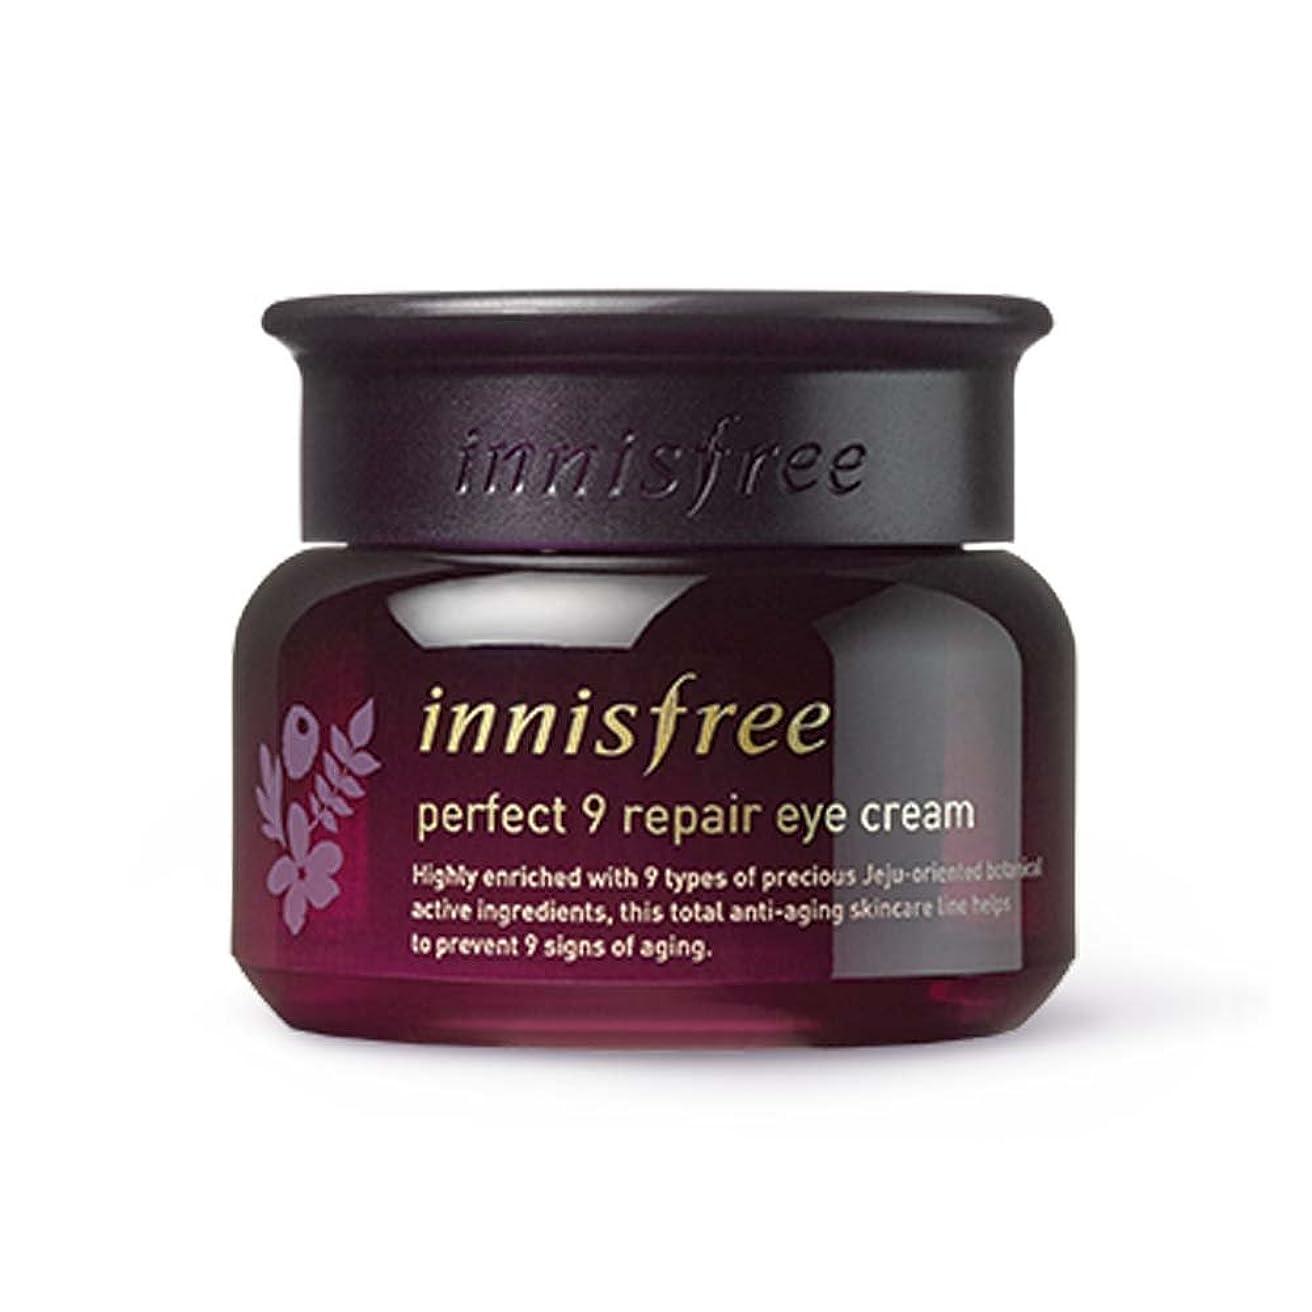 トラック湿原翻訳者【innisfree】イニスフリー パーフェクト9 リペアアイクリーム 30ml(Perfect 9 repair eye cream 30ml)